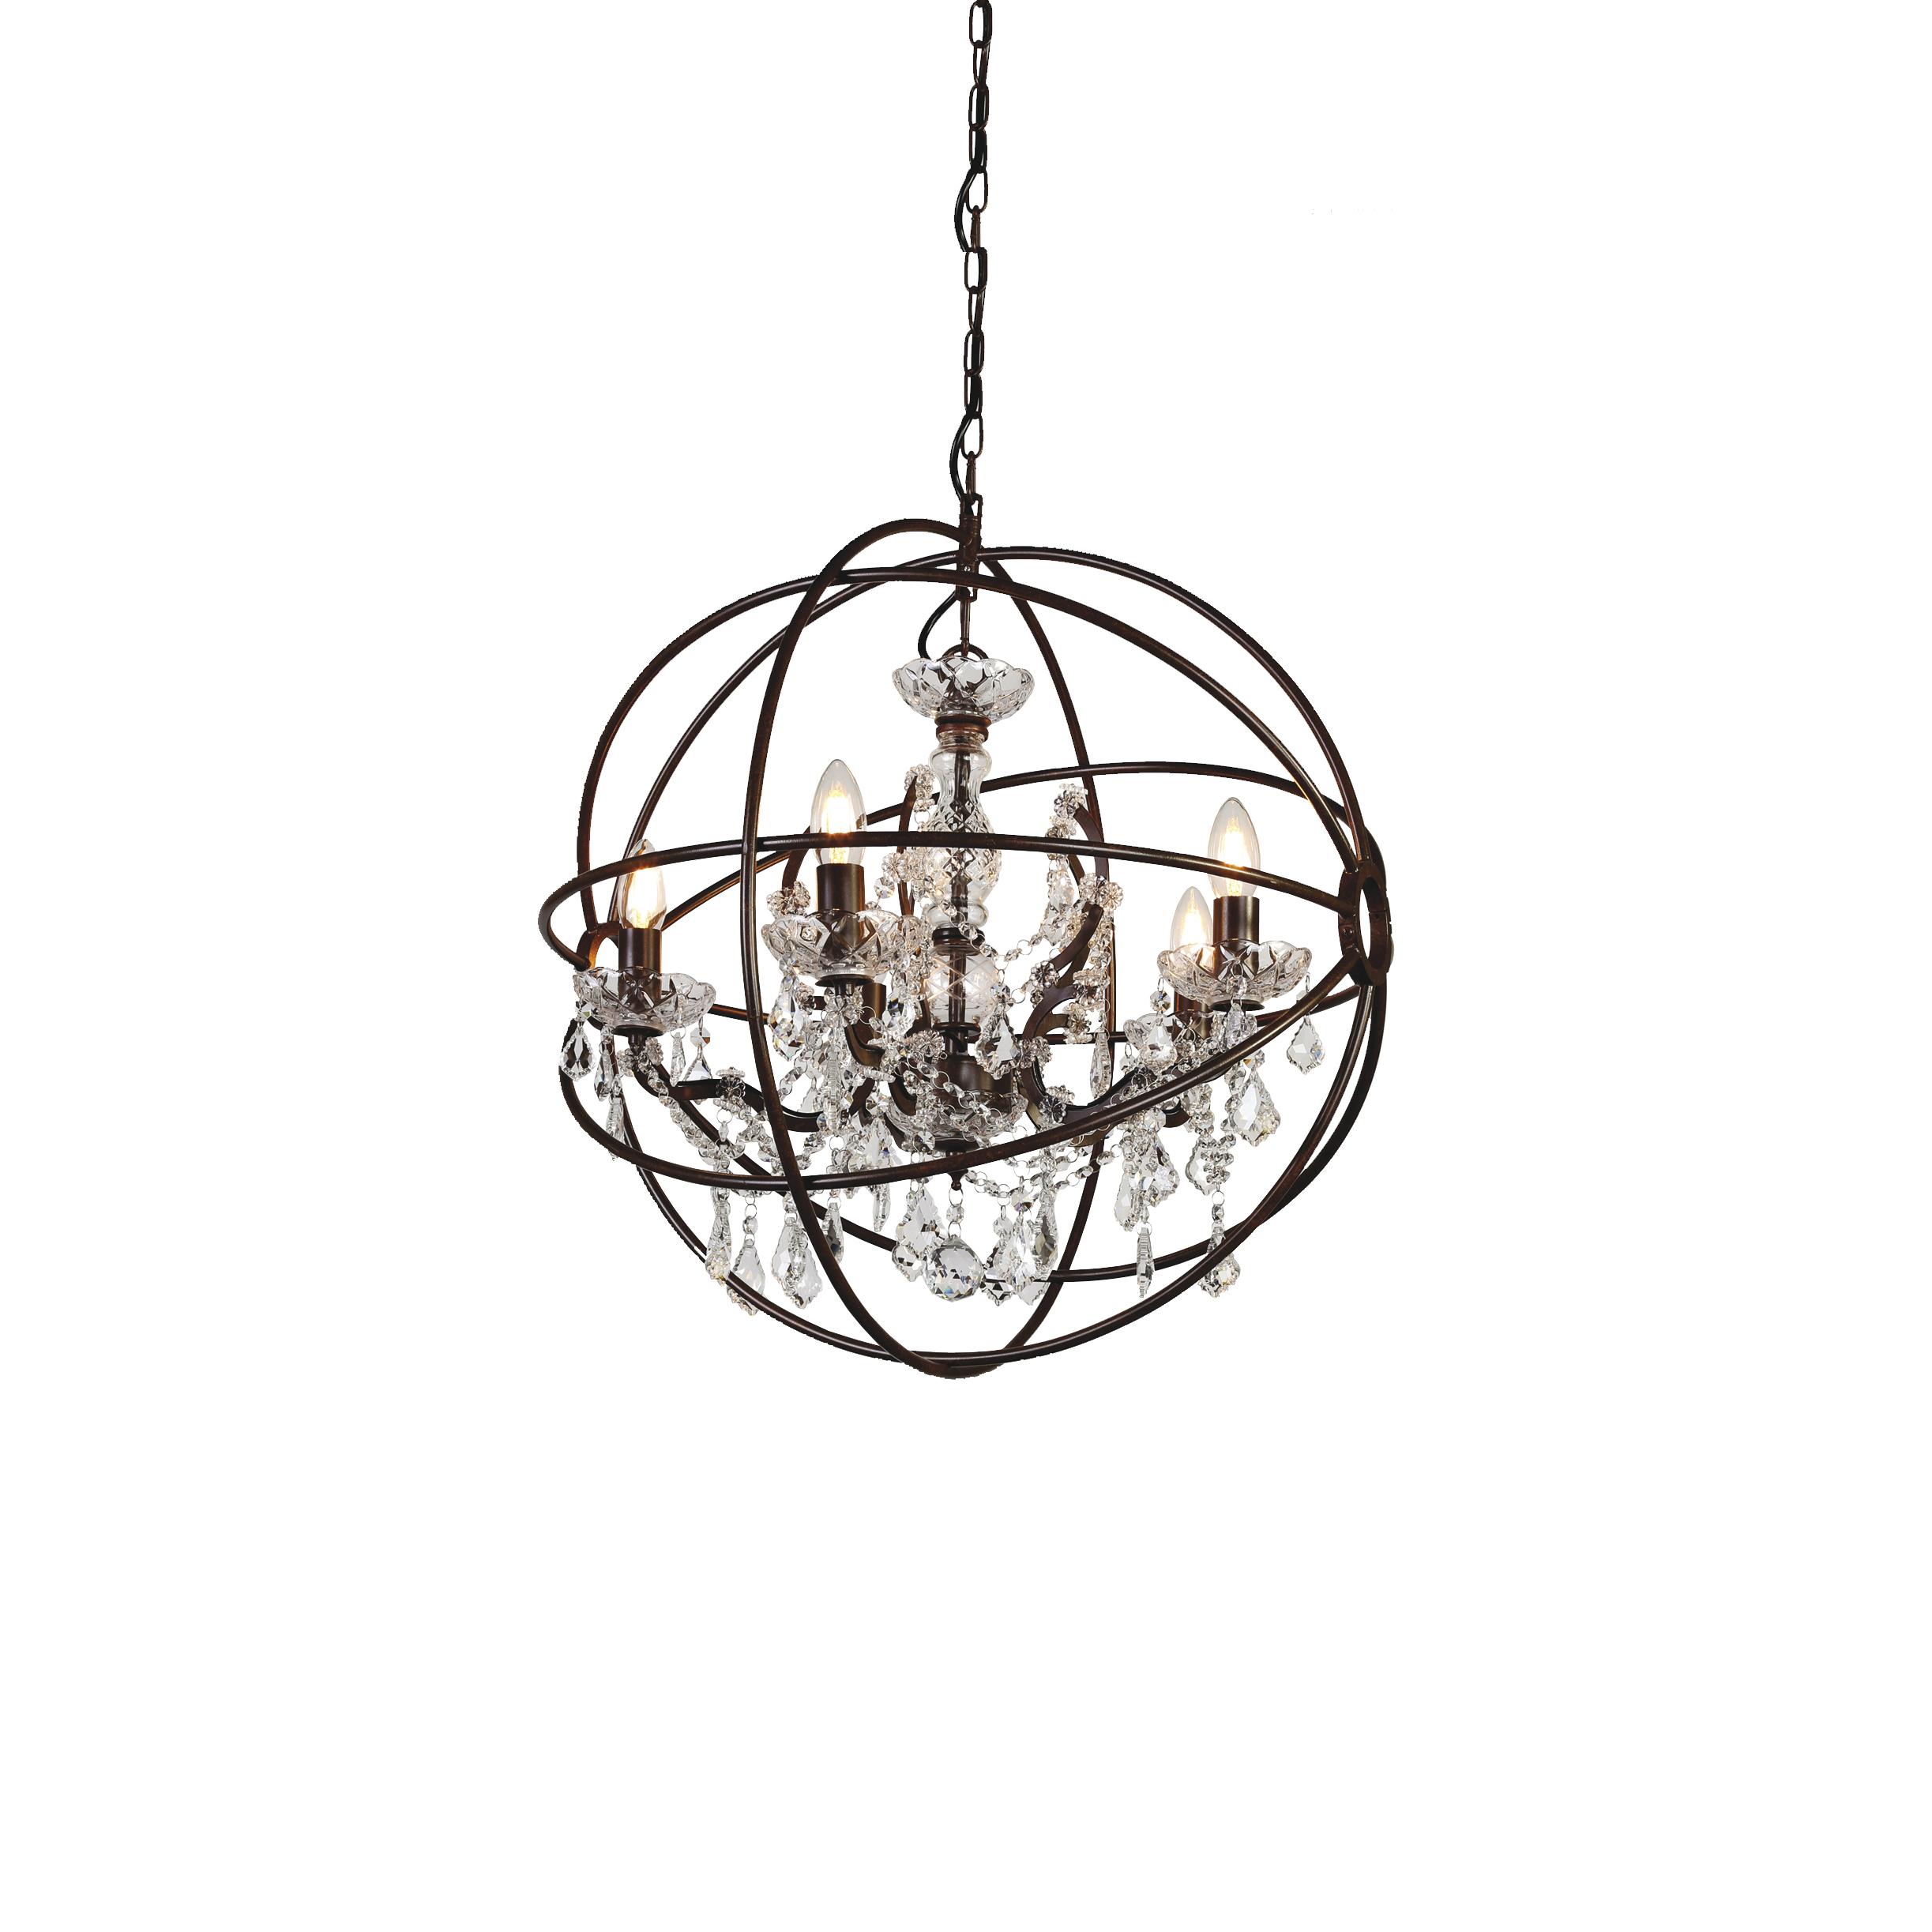 Подвесная люстра Favourite Orbit 1834-5P, 5xE14x40W, коричневый, прозрачный, металл, стекло, хрусталь - фото 1